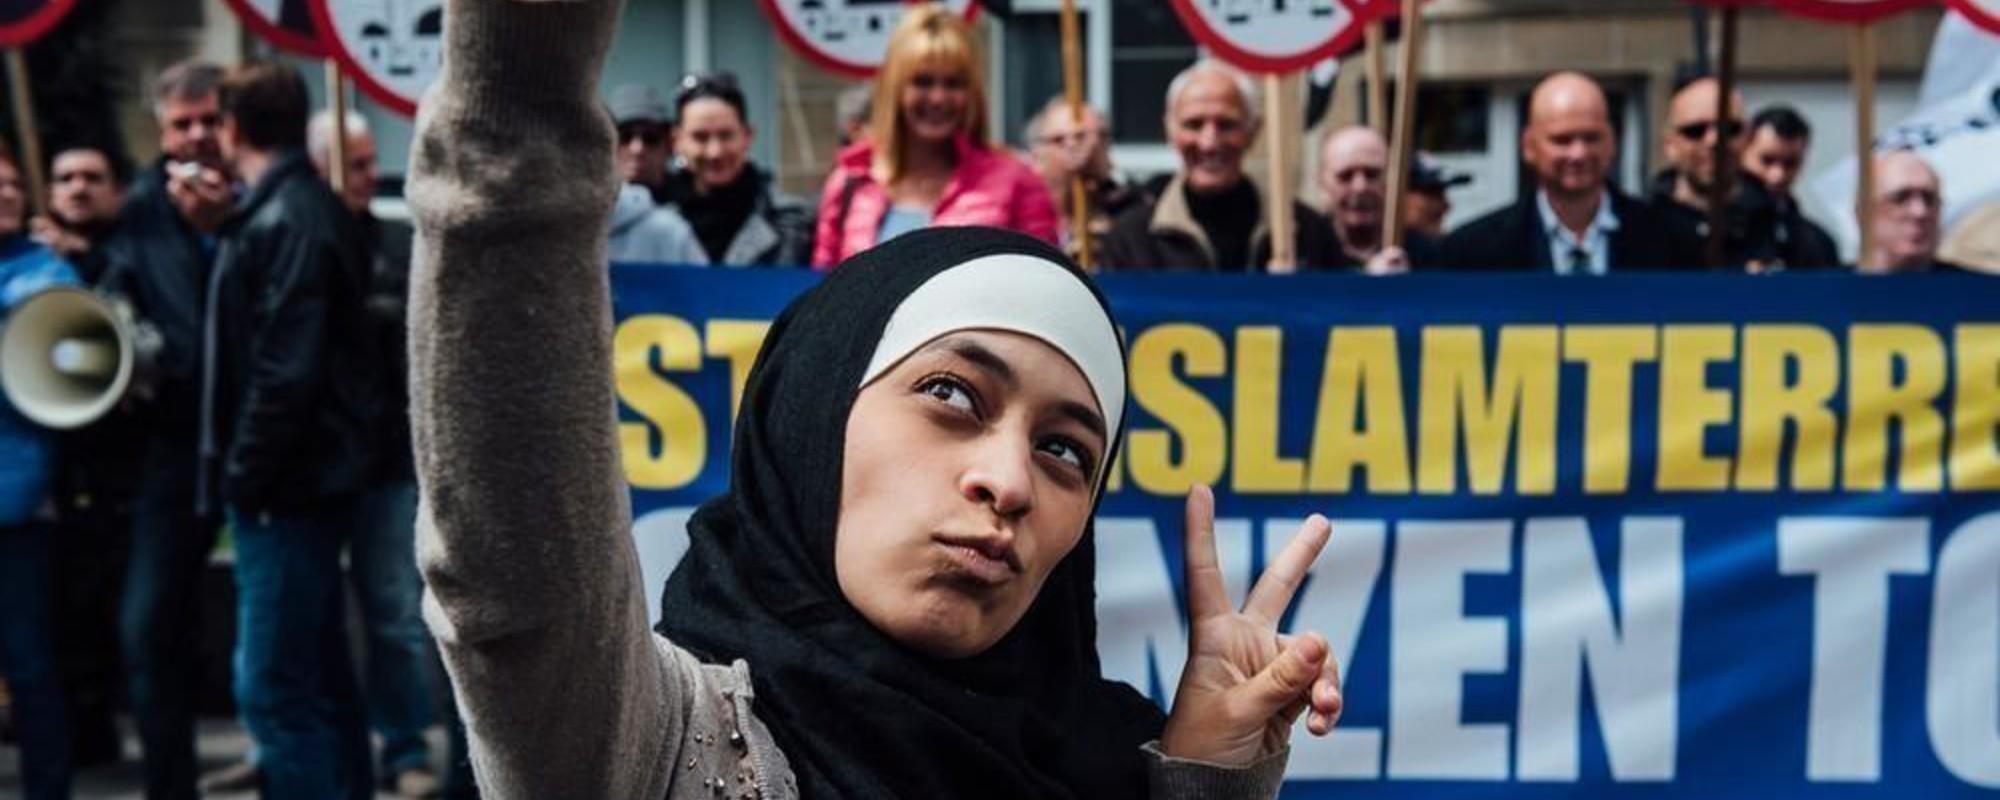 Πώς να Εξοντώσεις τους Ισλαμοφοβικούς με μια Selfie